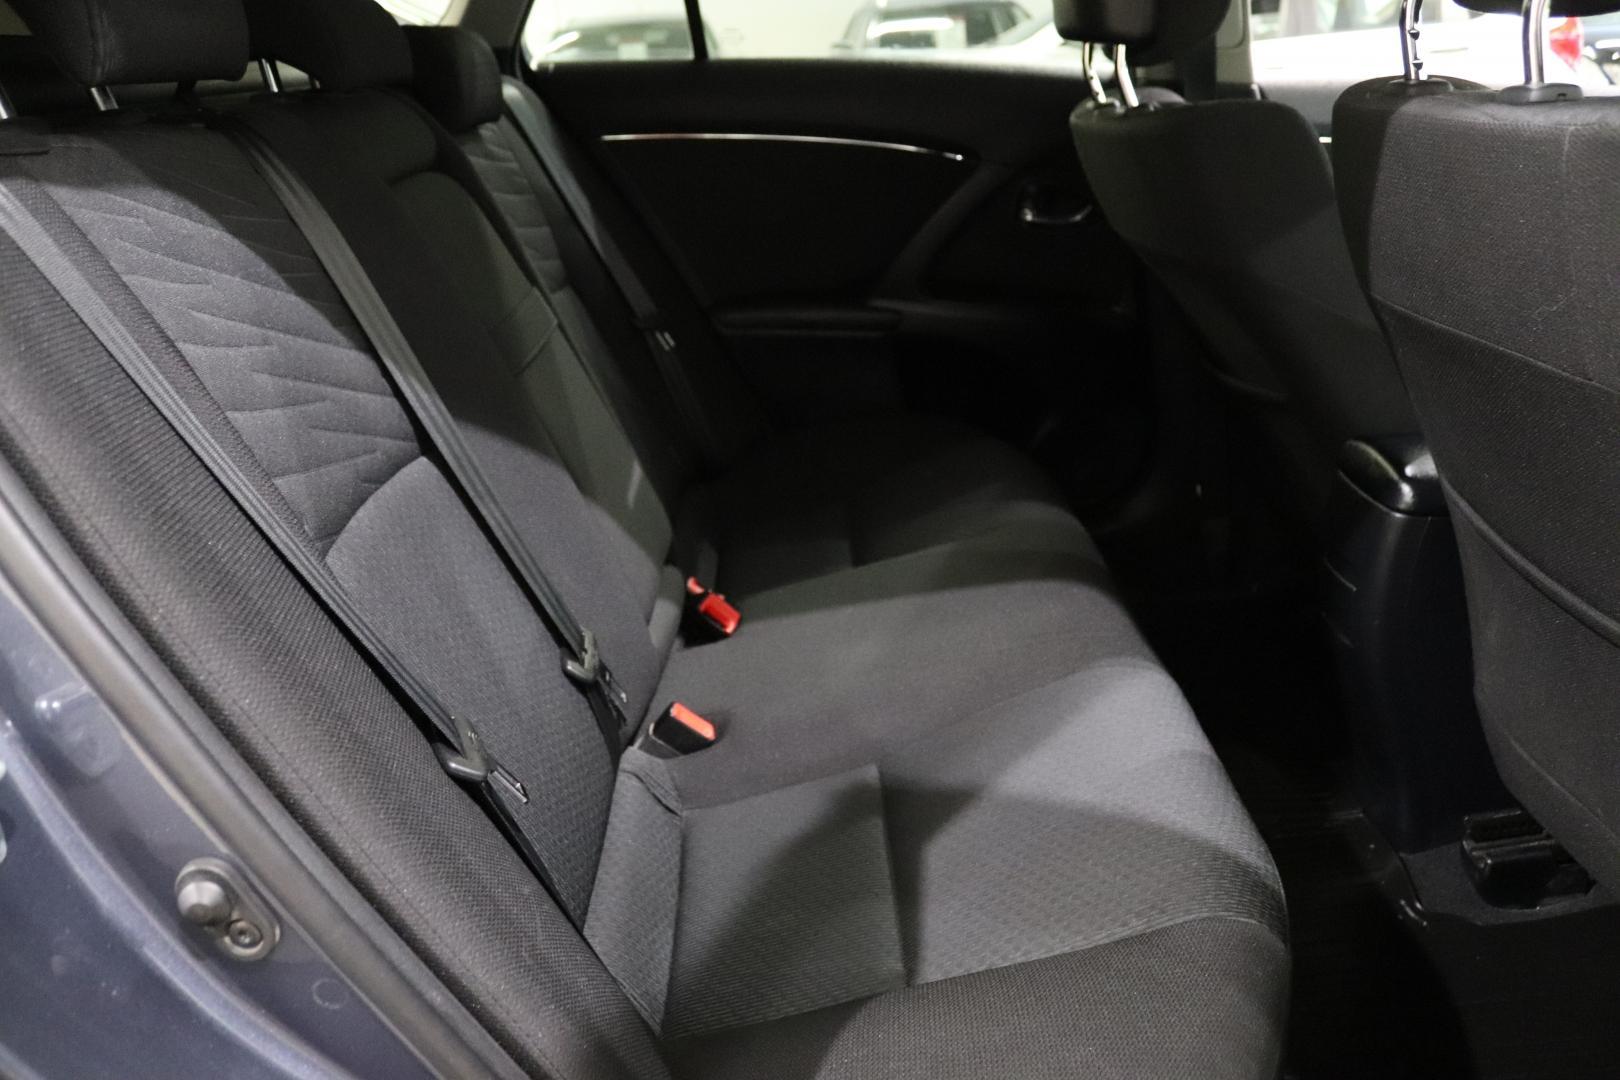 Toyota Avensis, 2.0 D-4D DPF Linea Sol Plus Wagon